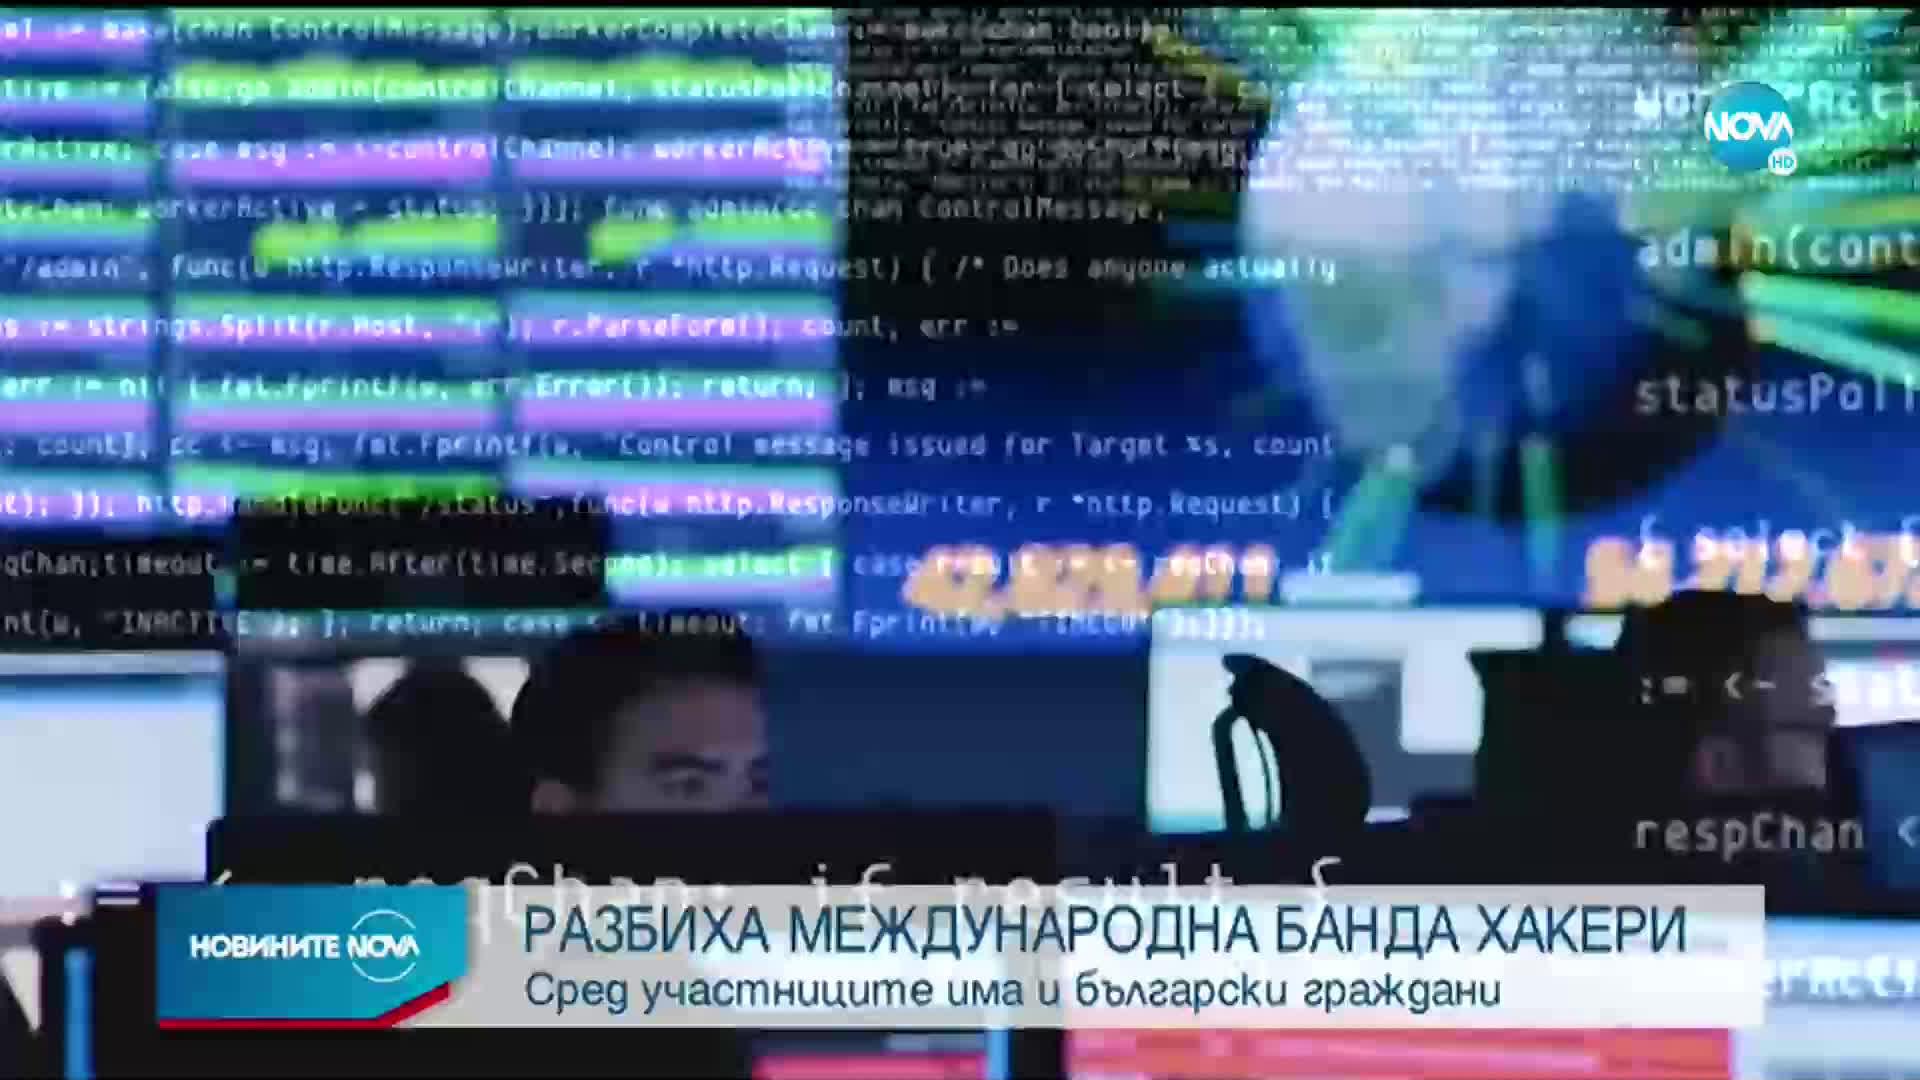 Разбиха международна банда хакери с участието на българи